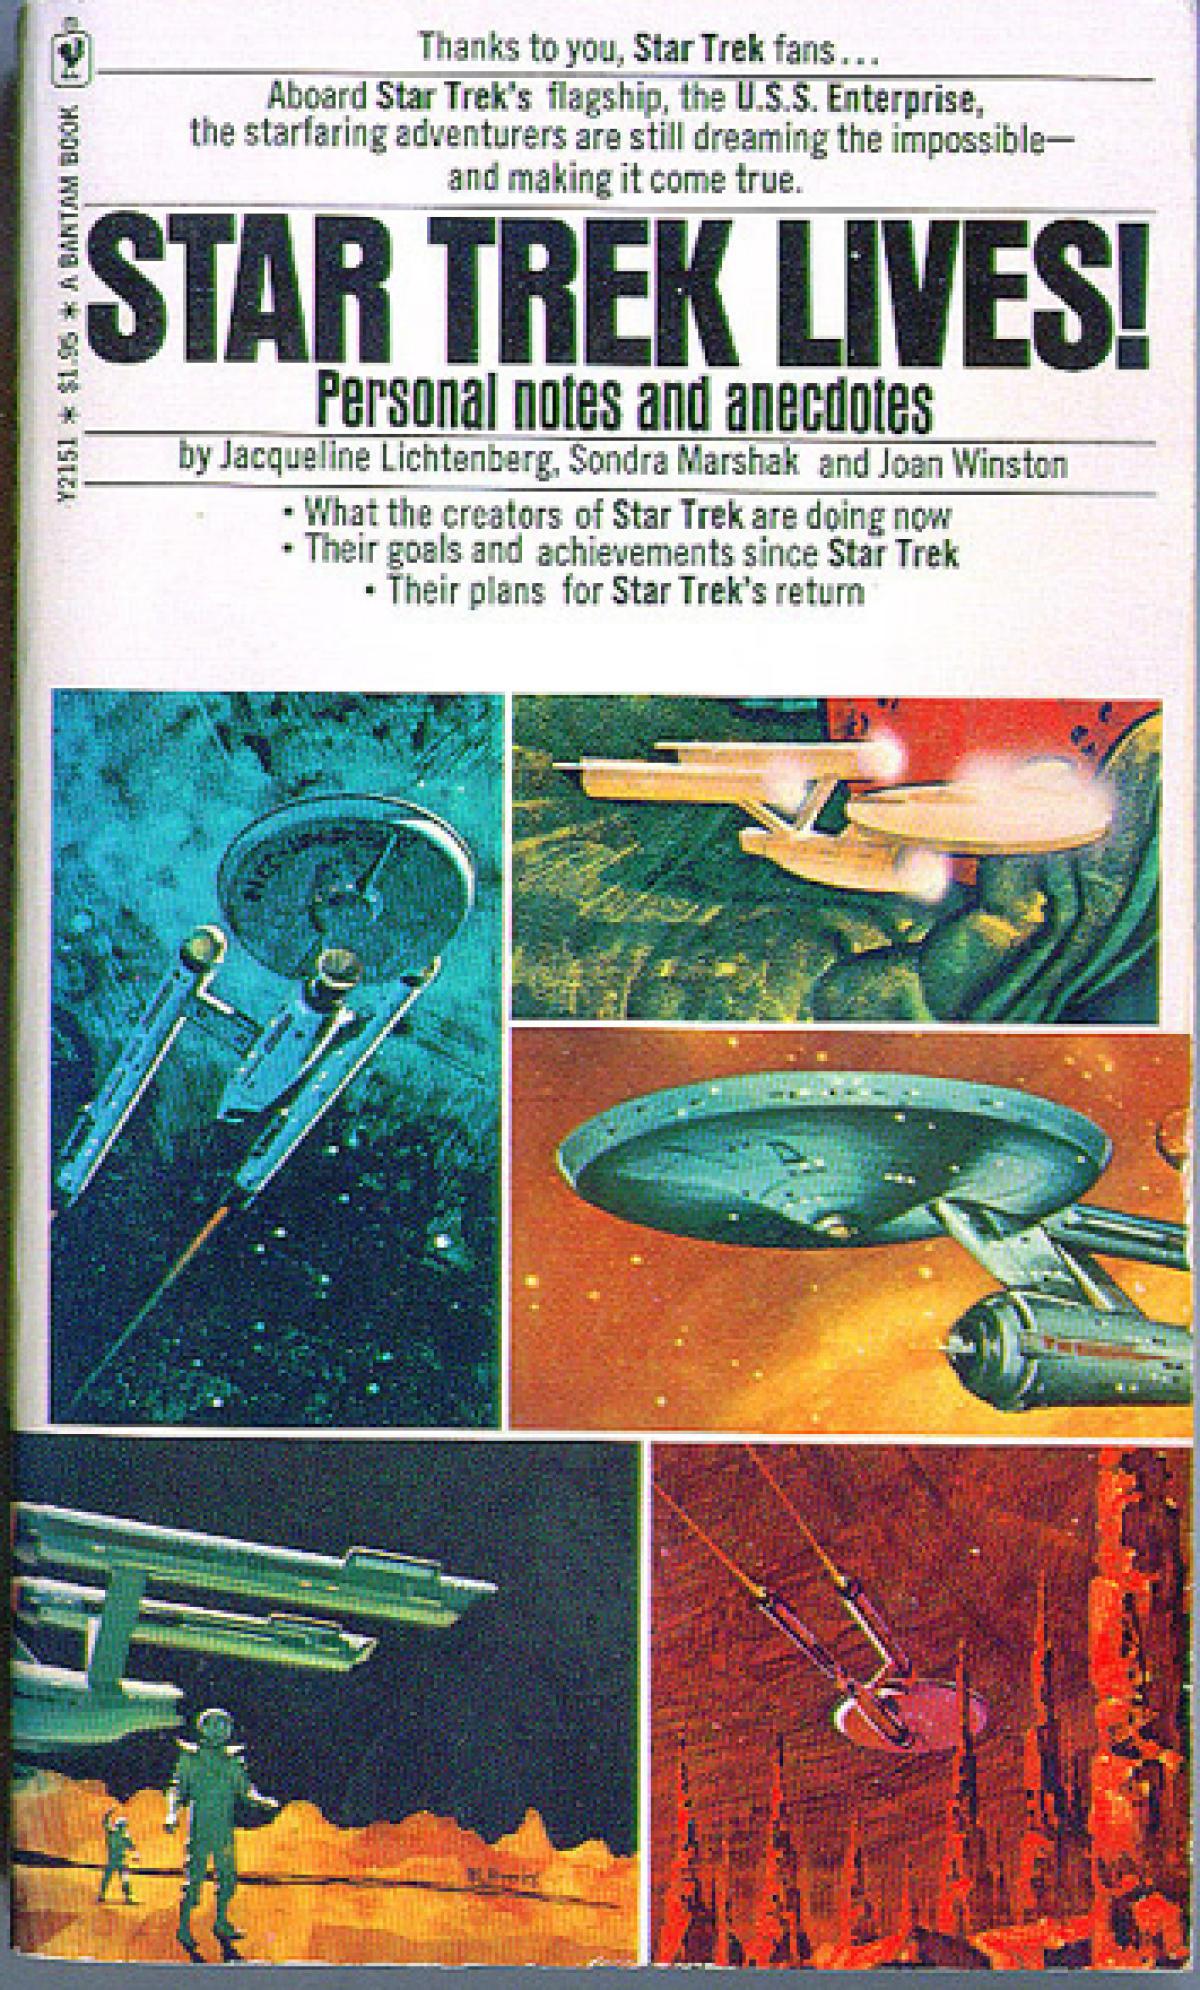 La couveture de« Star Trek Lives!» de Jacqueline Lichtenberg.